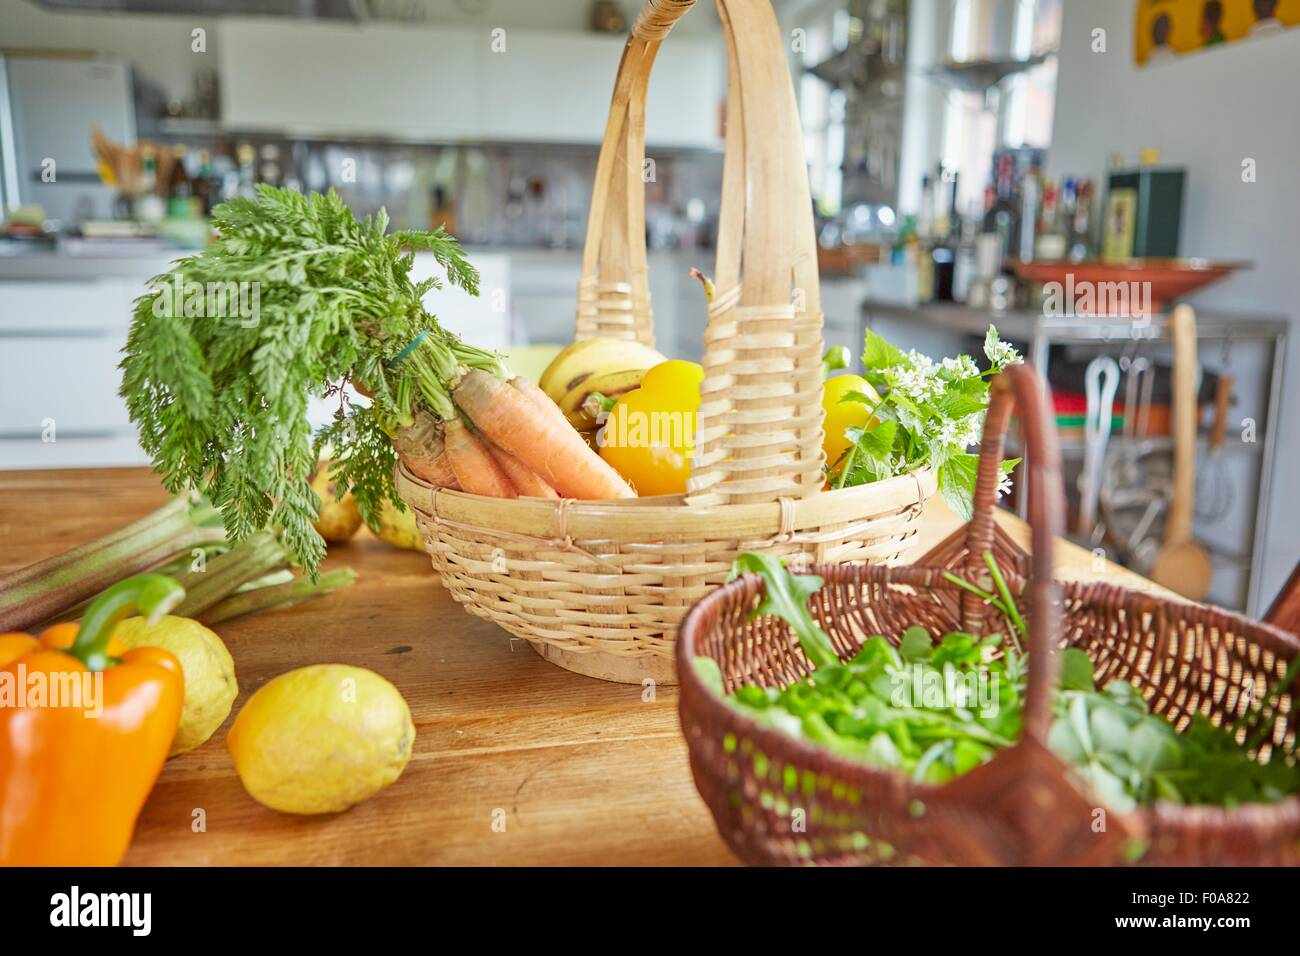 Stillleben mit Gemüse, in Körben auf Tisch in der Küche Stockbild